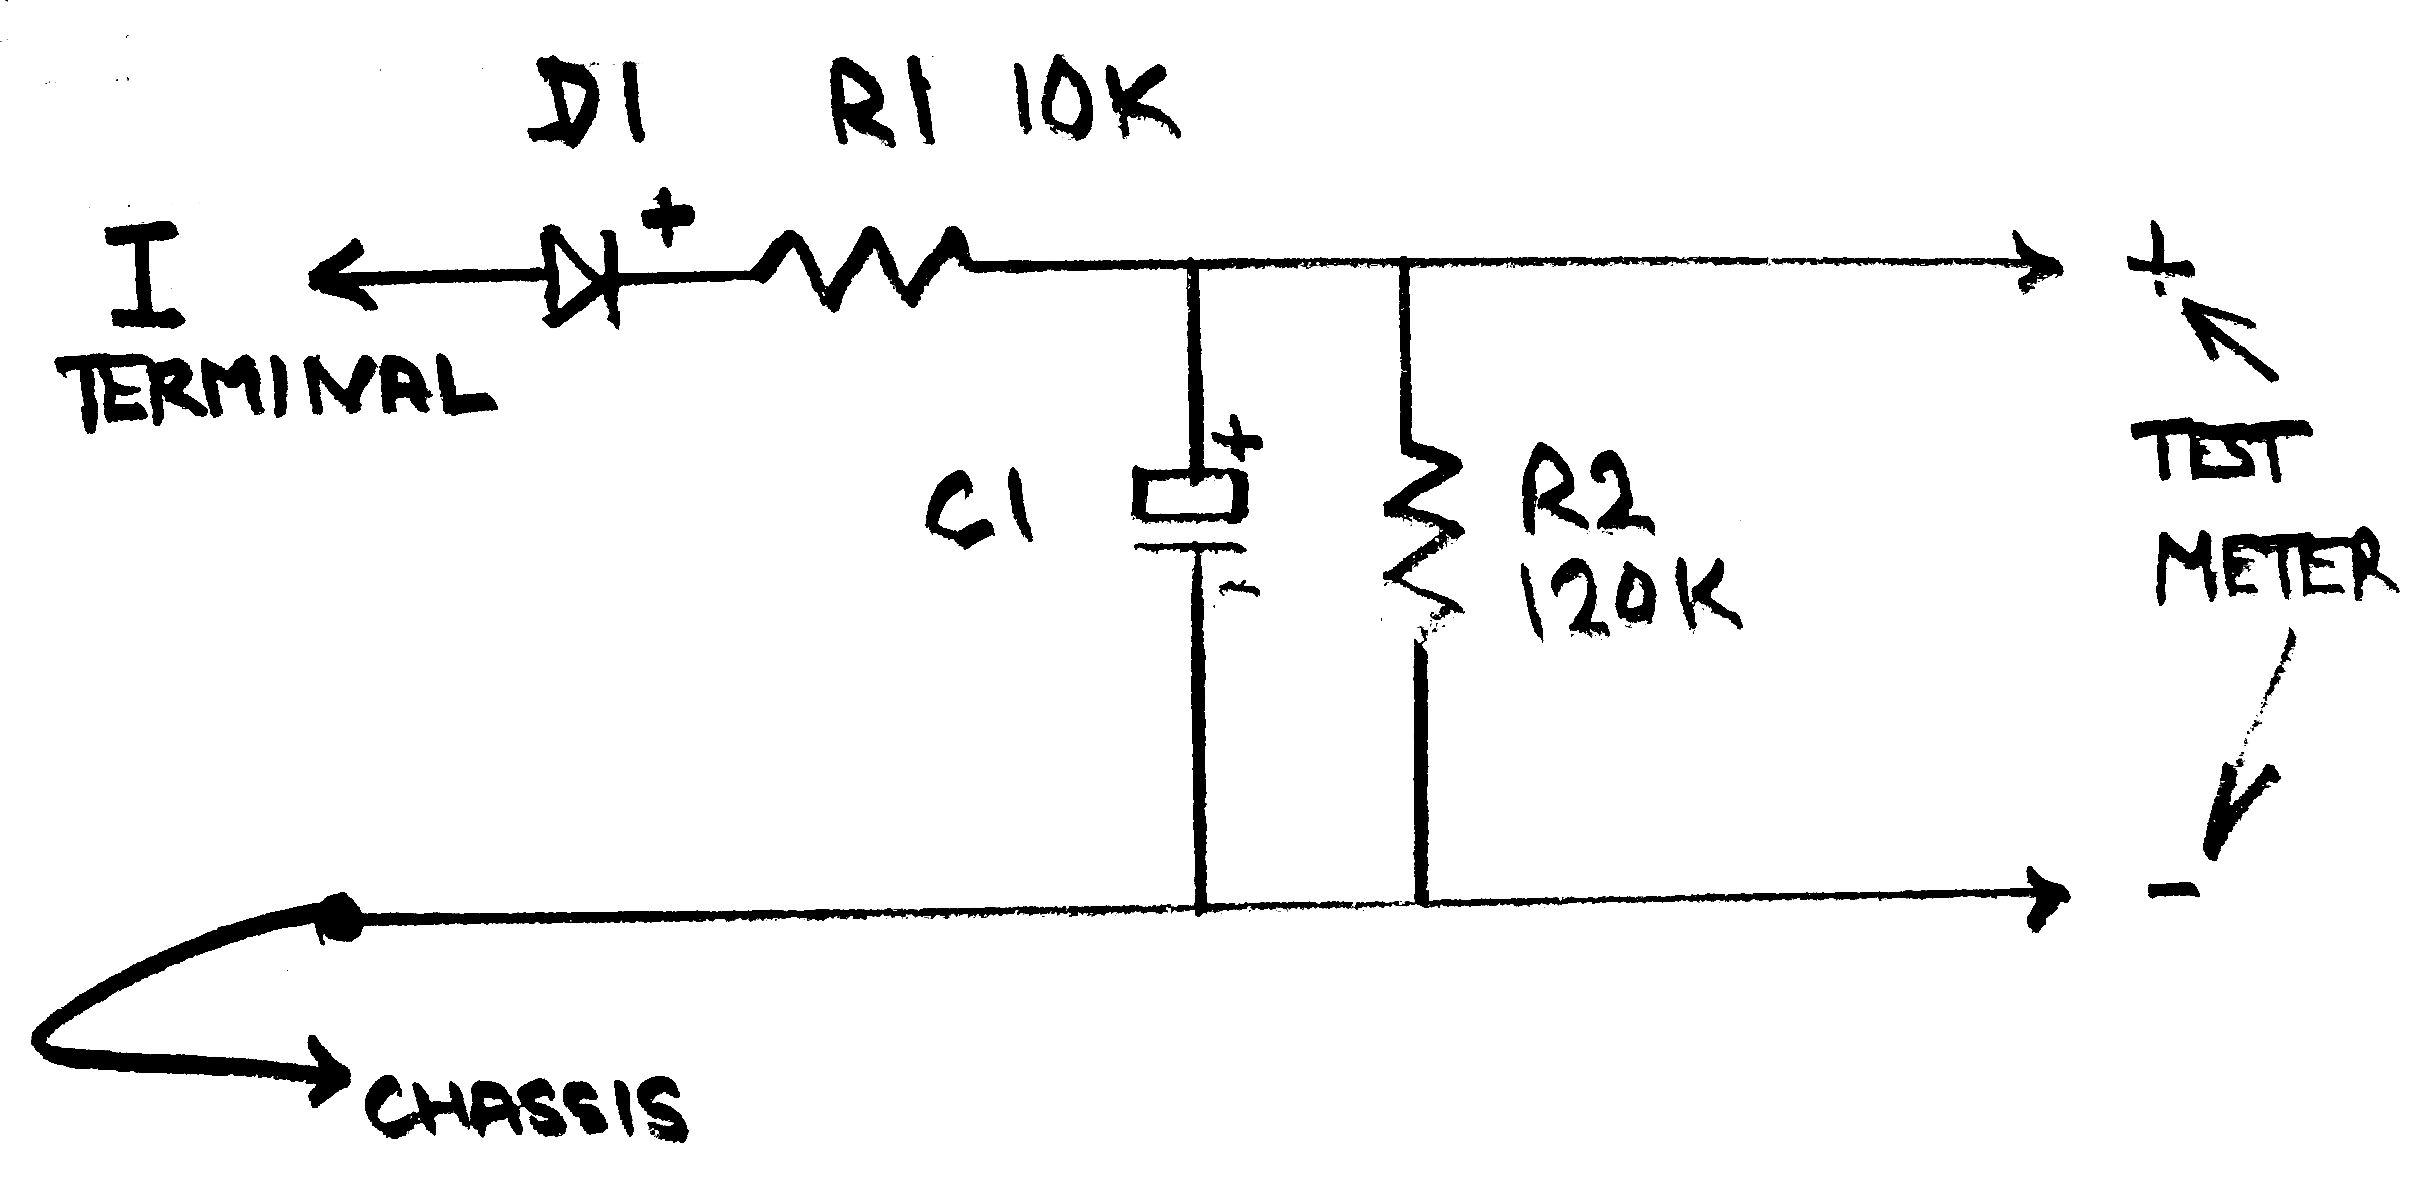 pic-test-circuit-diag-ivs-edit-b-070716